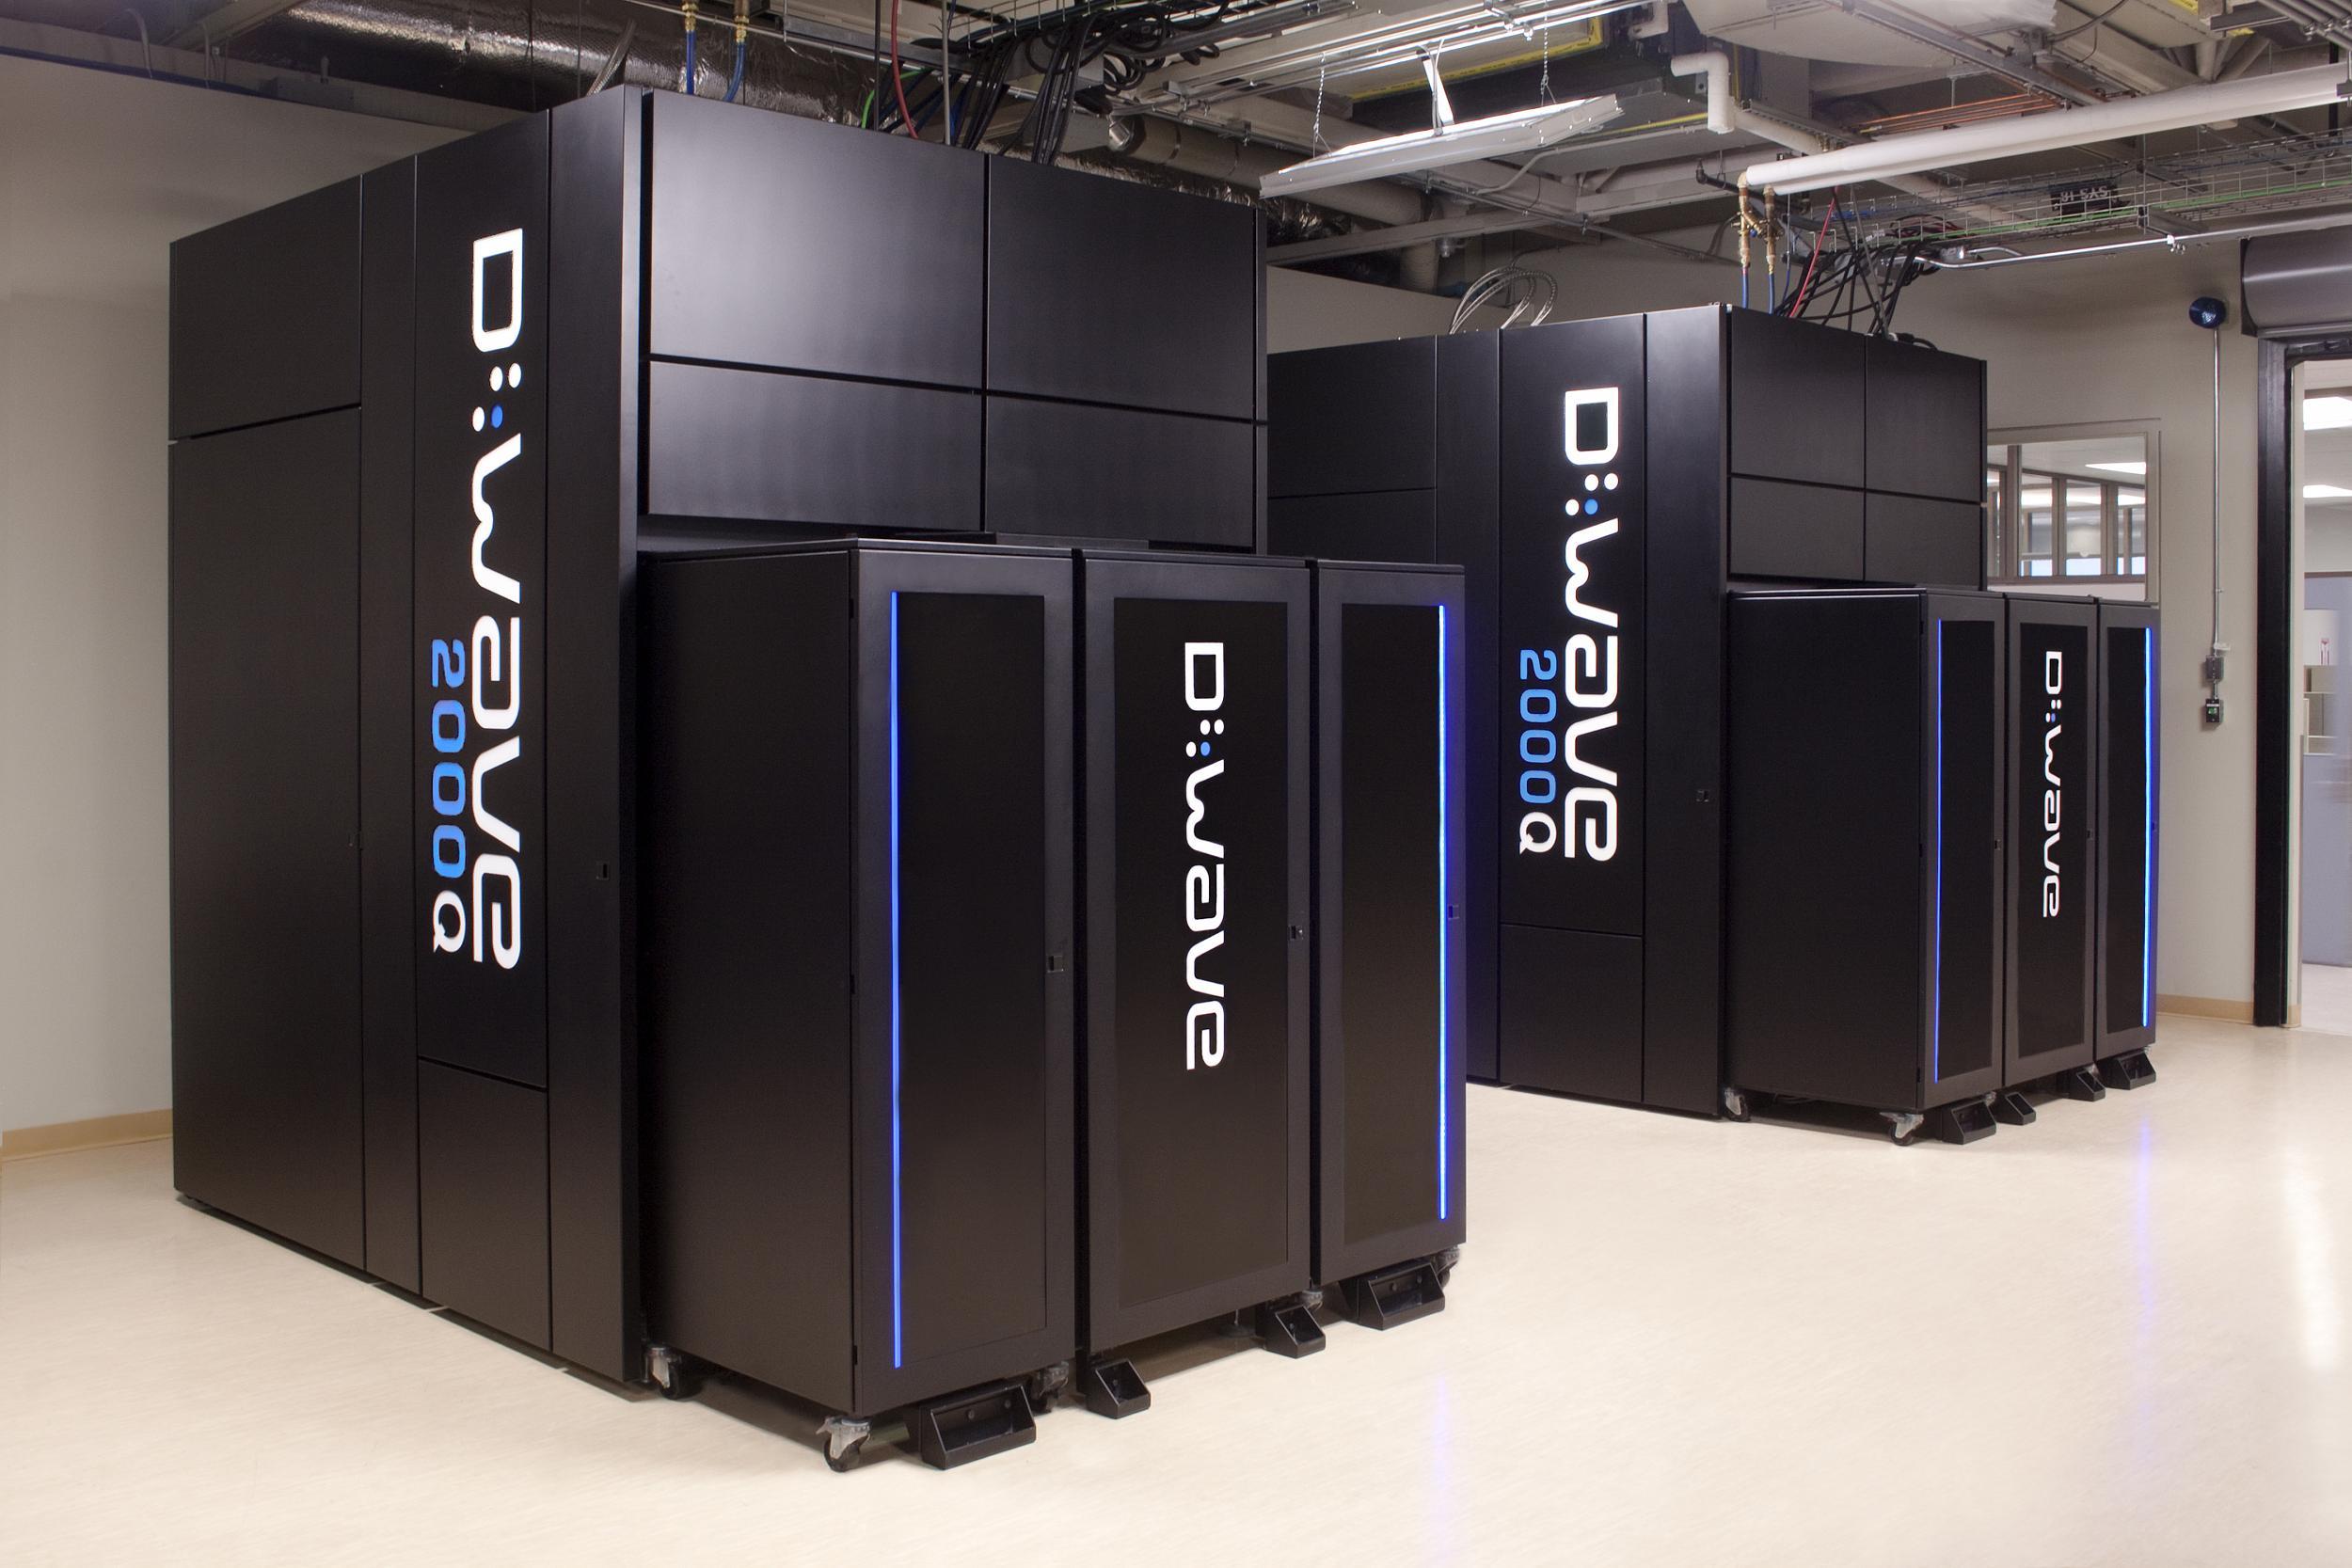 Ein Quantencomputer von D-Wave-Systems im Labor: Der meiste Platz wird für das Kühlsystem benötigt. (Quelle: D-Wave Systems, Inc.)